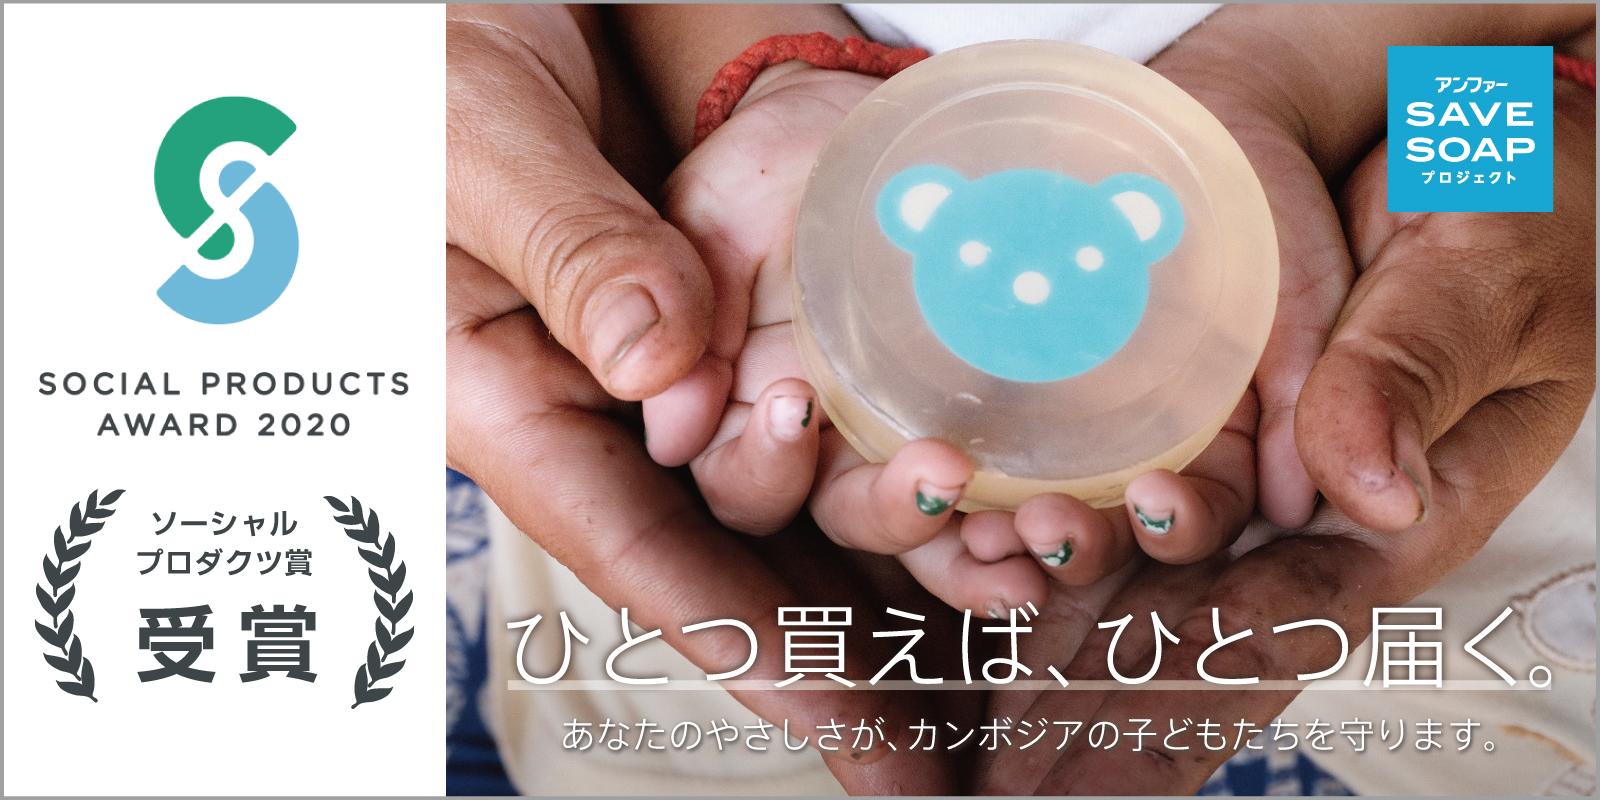 """アンファーの""""SAVE SOAP プロジェクト""""が SOCIAL PRODUCS AWARD2020「ソーシャルプロダクツ賞」を受賞"""